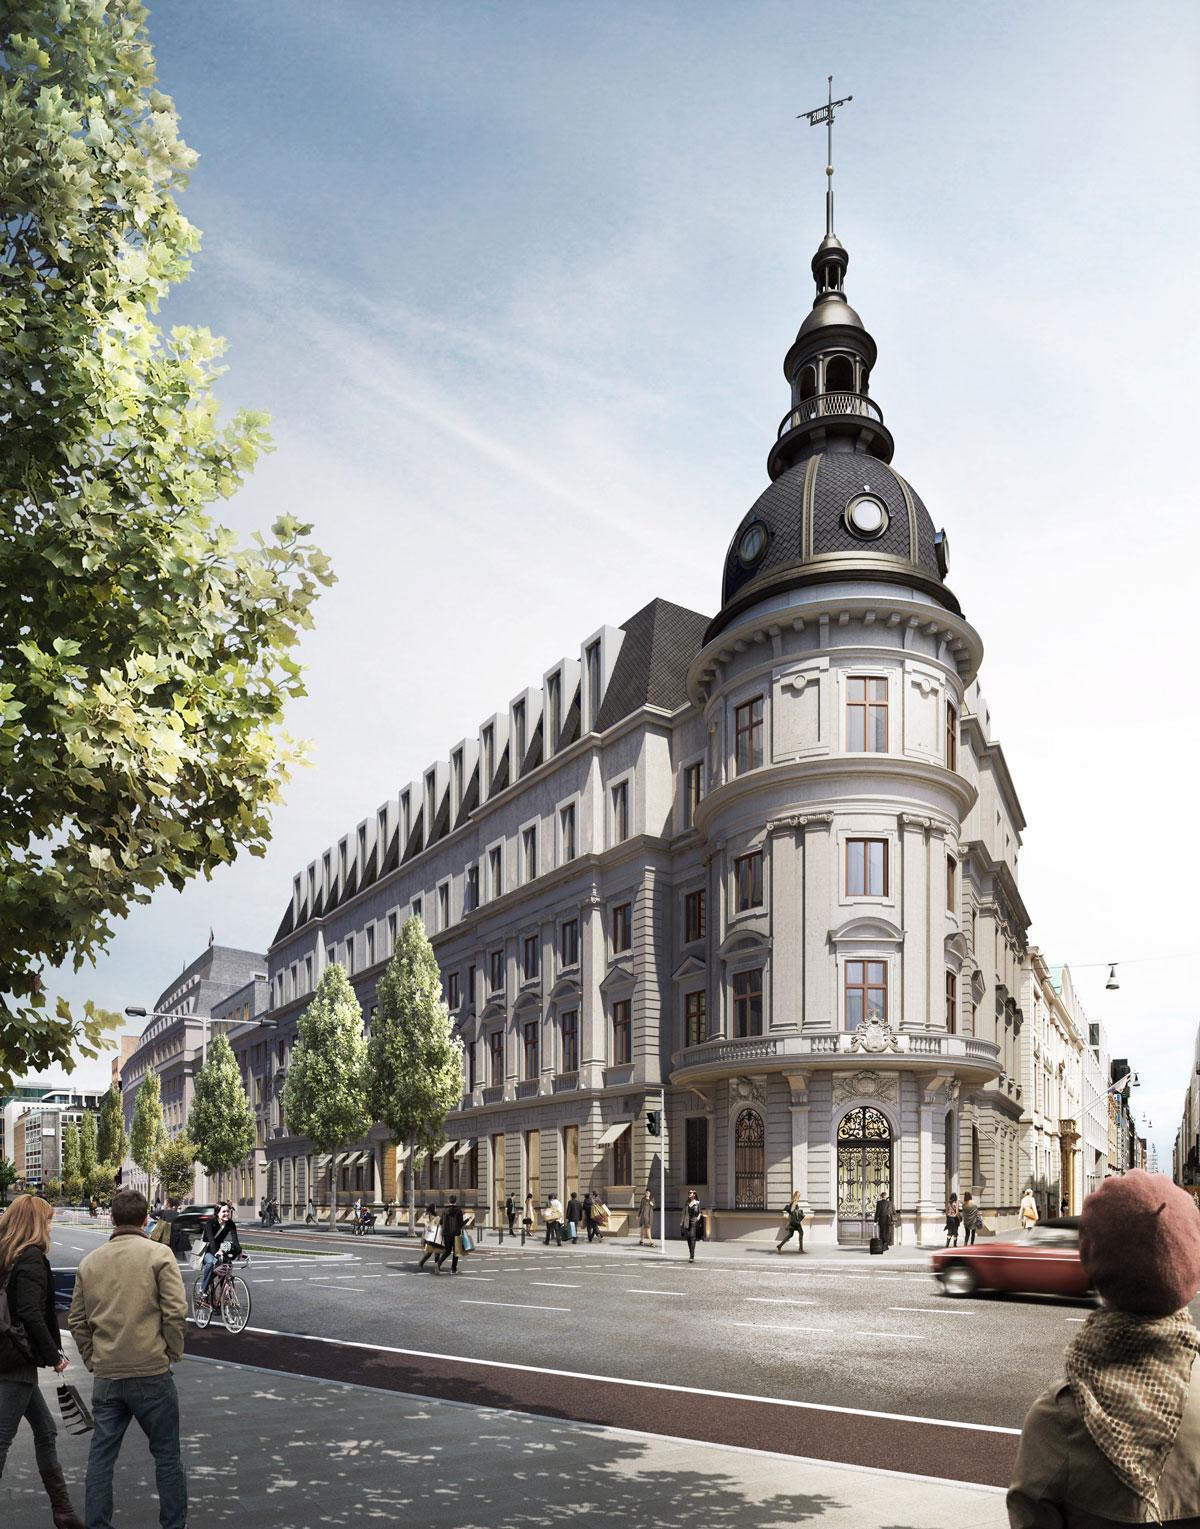 H-Strassenseite-Haus-A-006